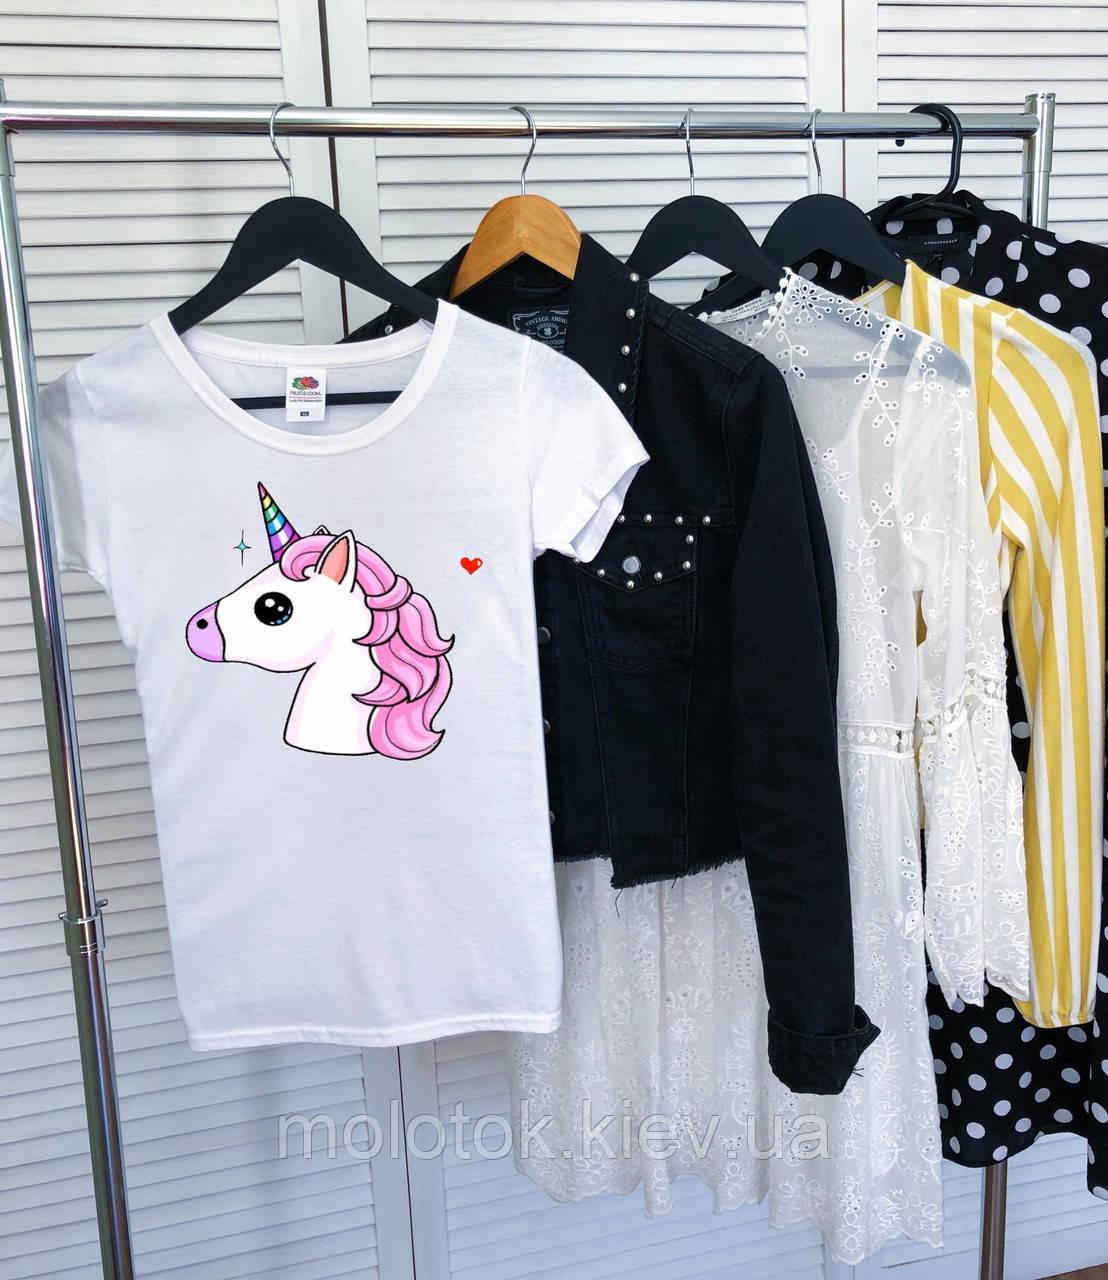 Женская футболка с единорогом белая качественная шелкография